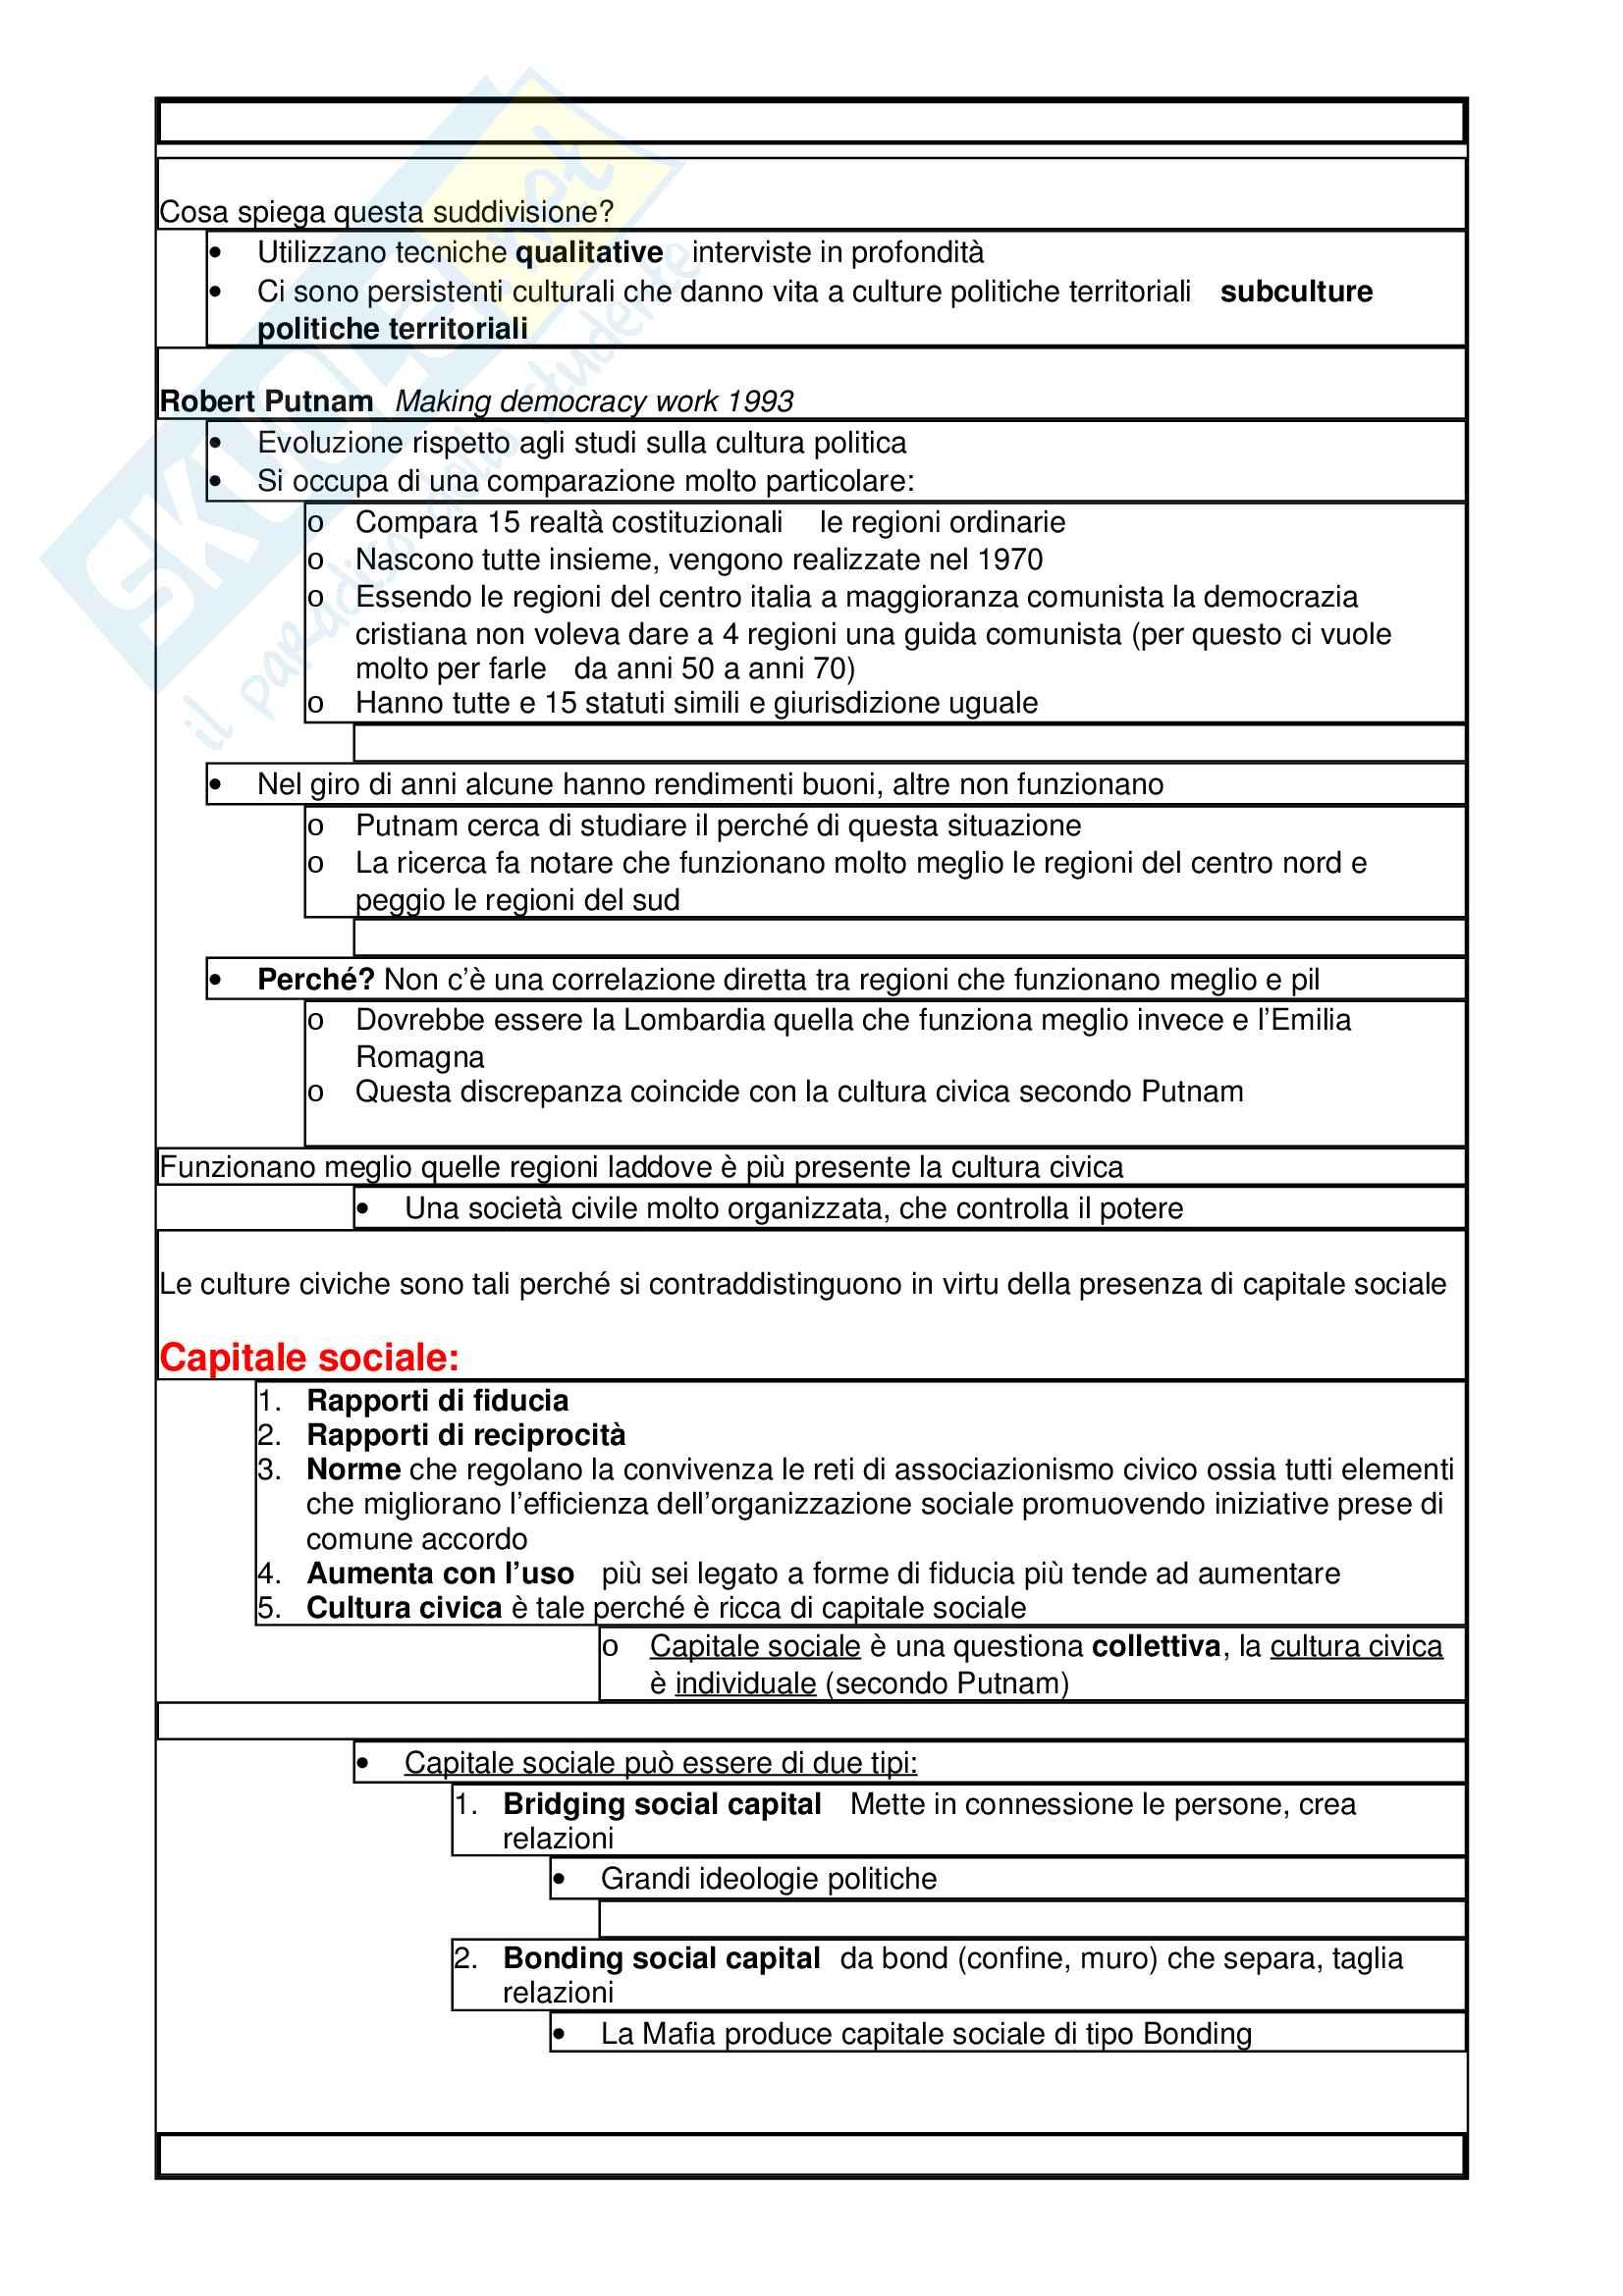 Scienza Politica Prof. Almagisti Pag. 6